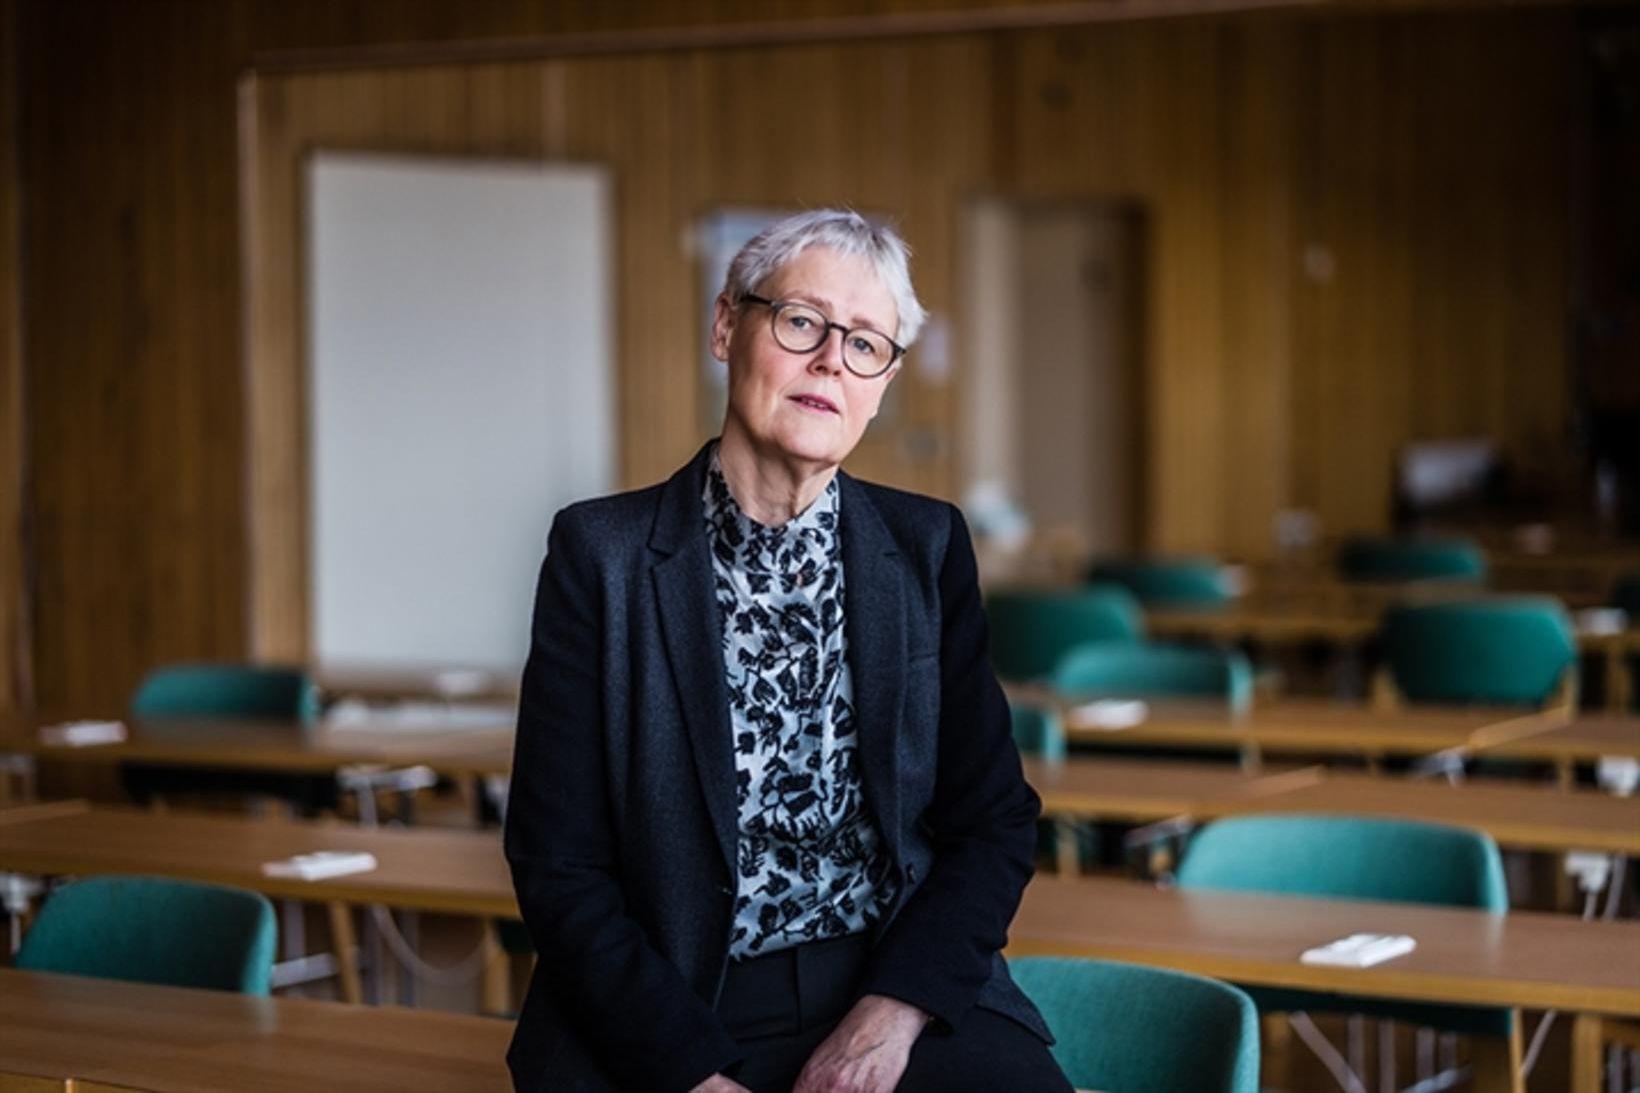 Steinunn Stefánsdóttir